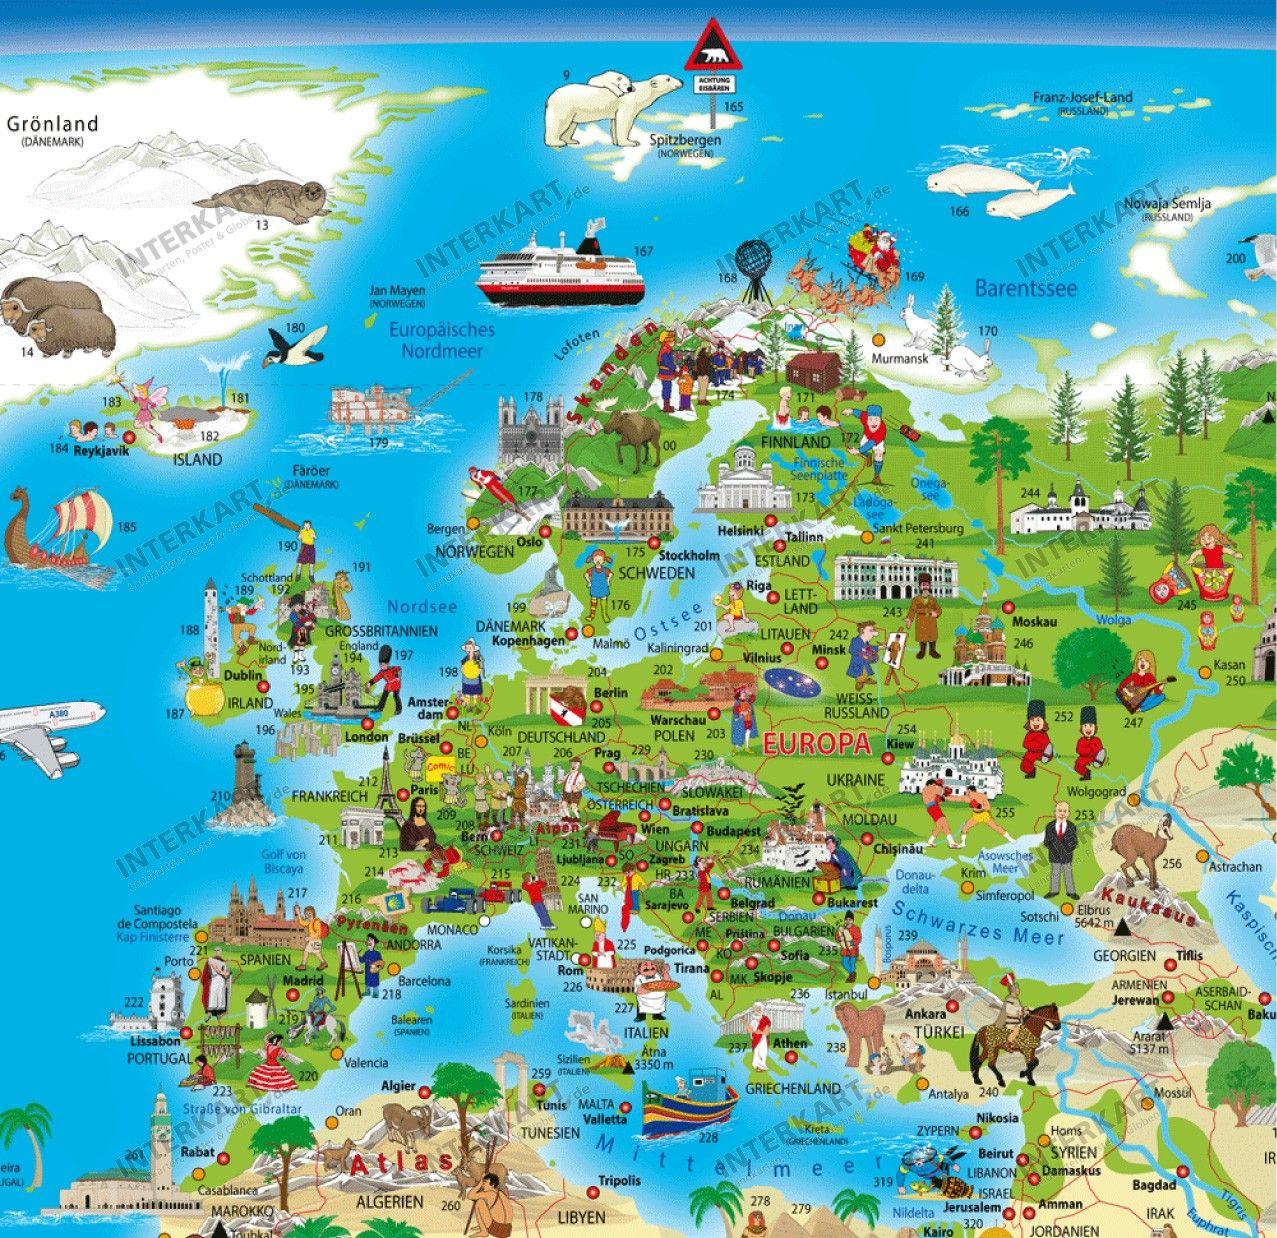 قاره اوربا خريطة العالم